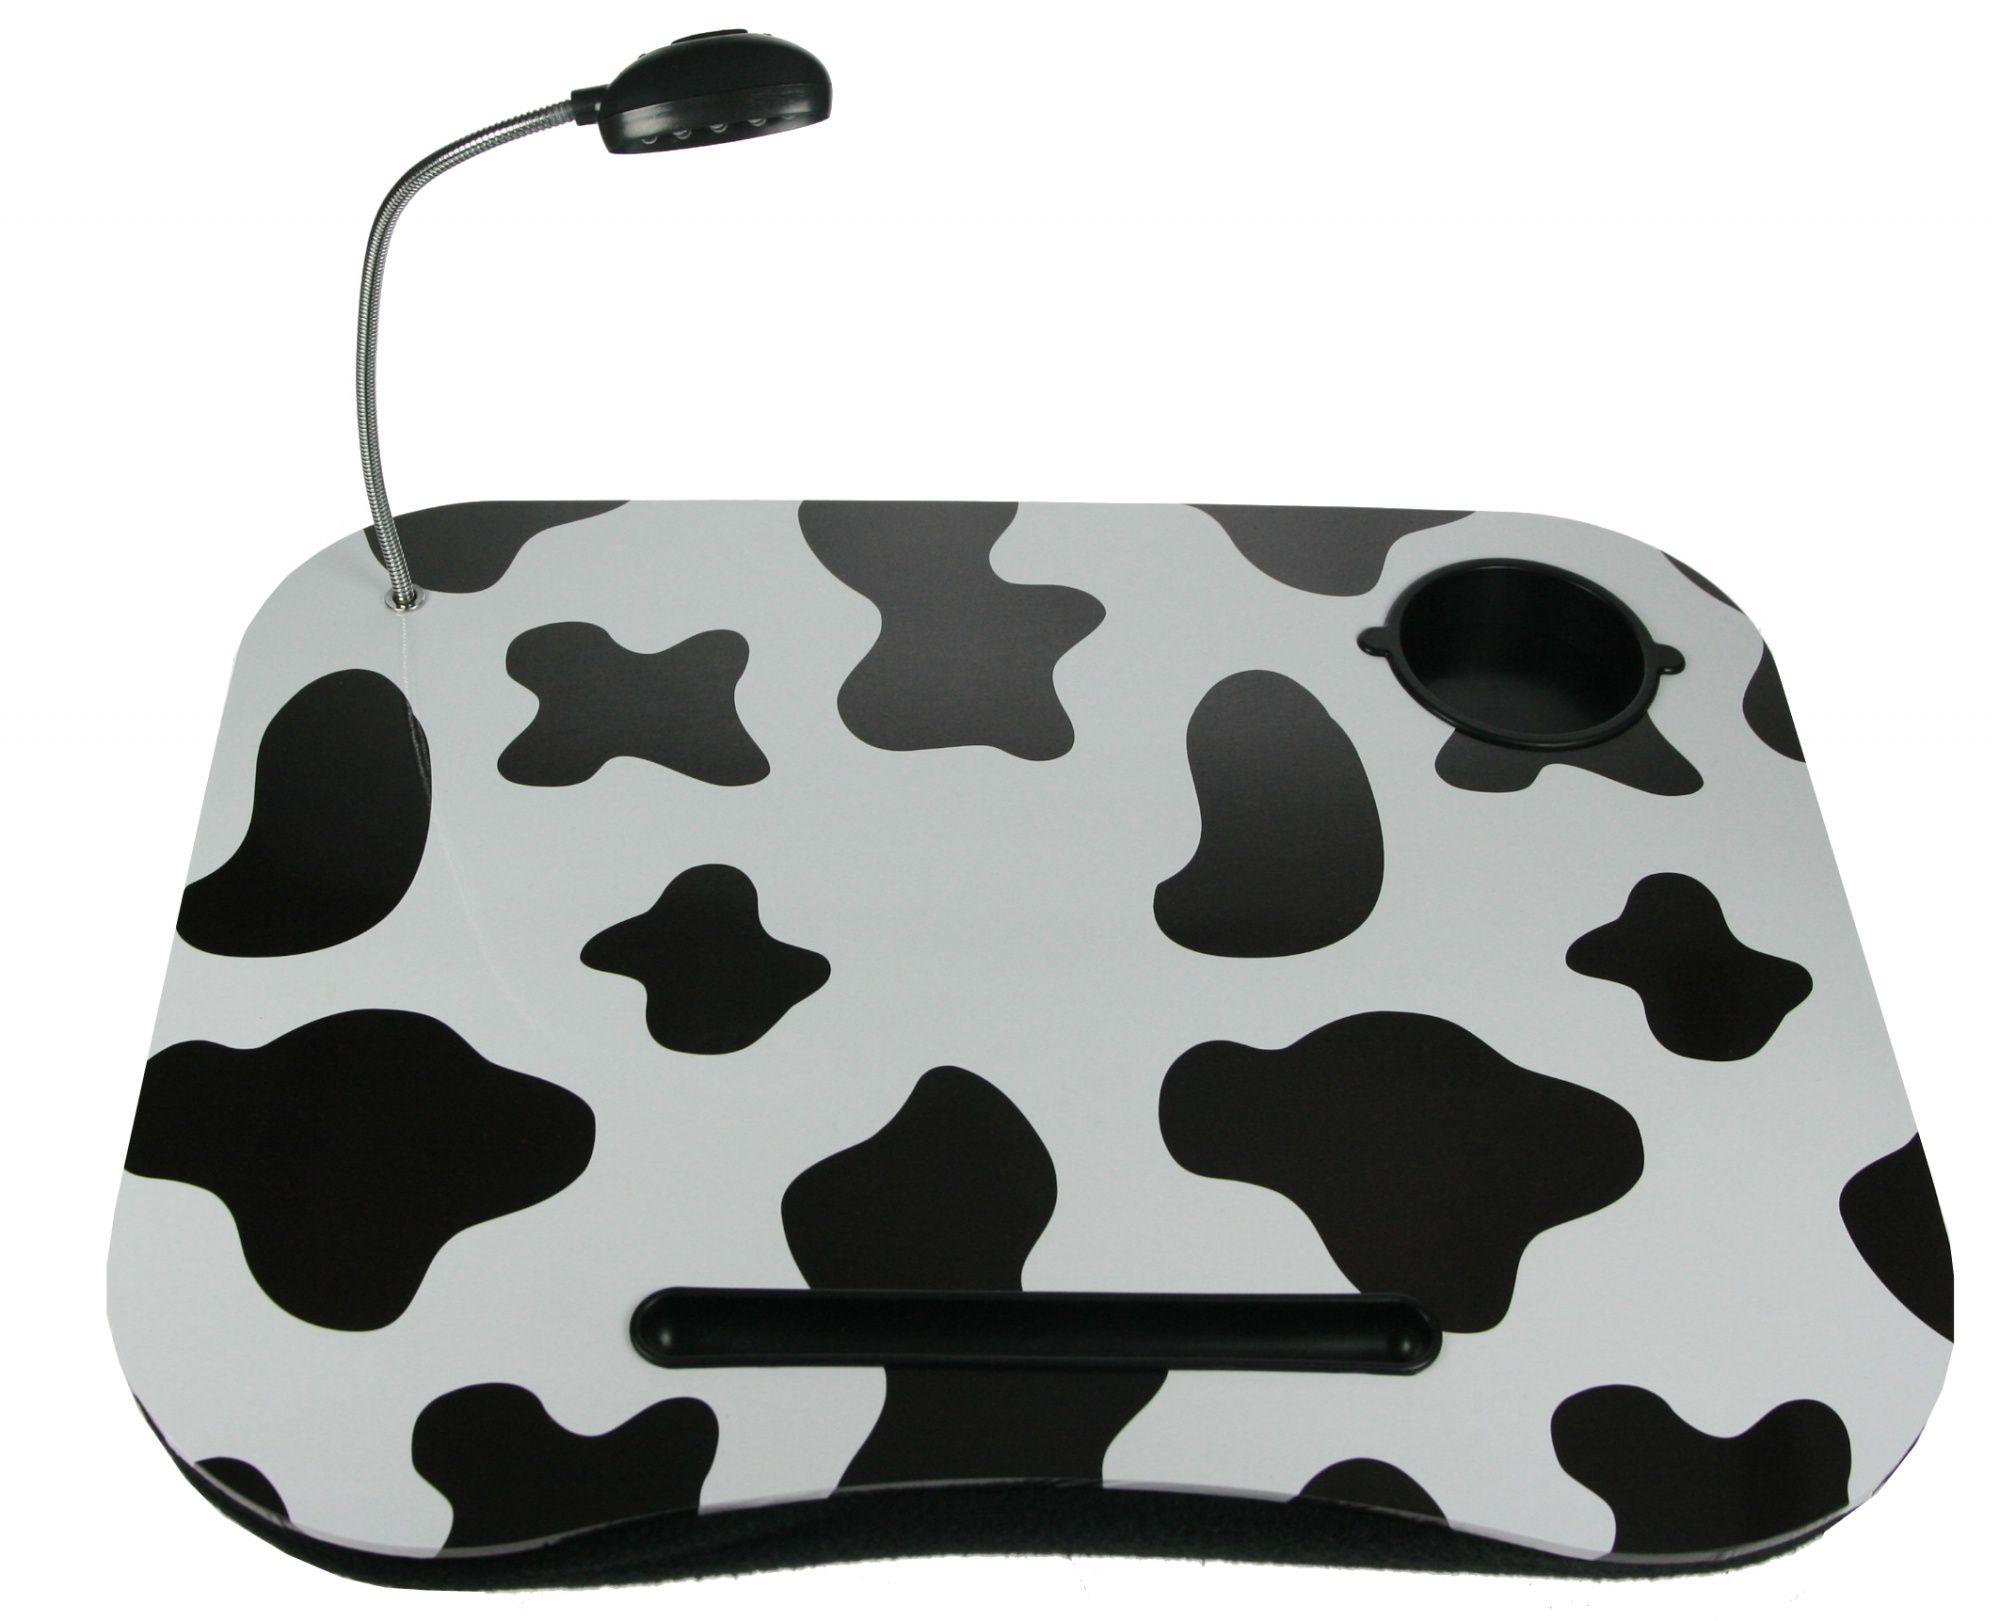 Столик для ноутбука Буренка с подсветкой 48*38*8см - фото